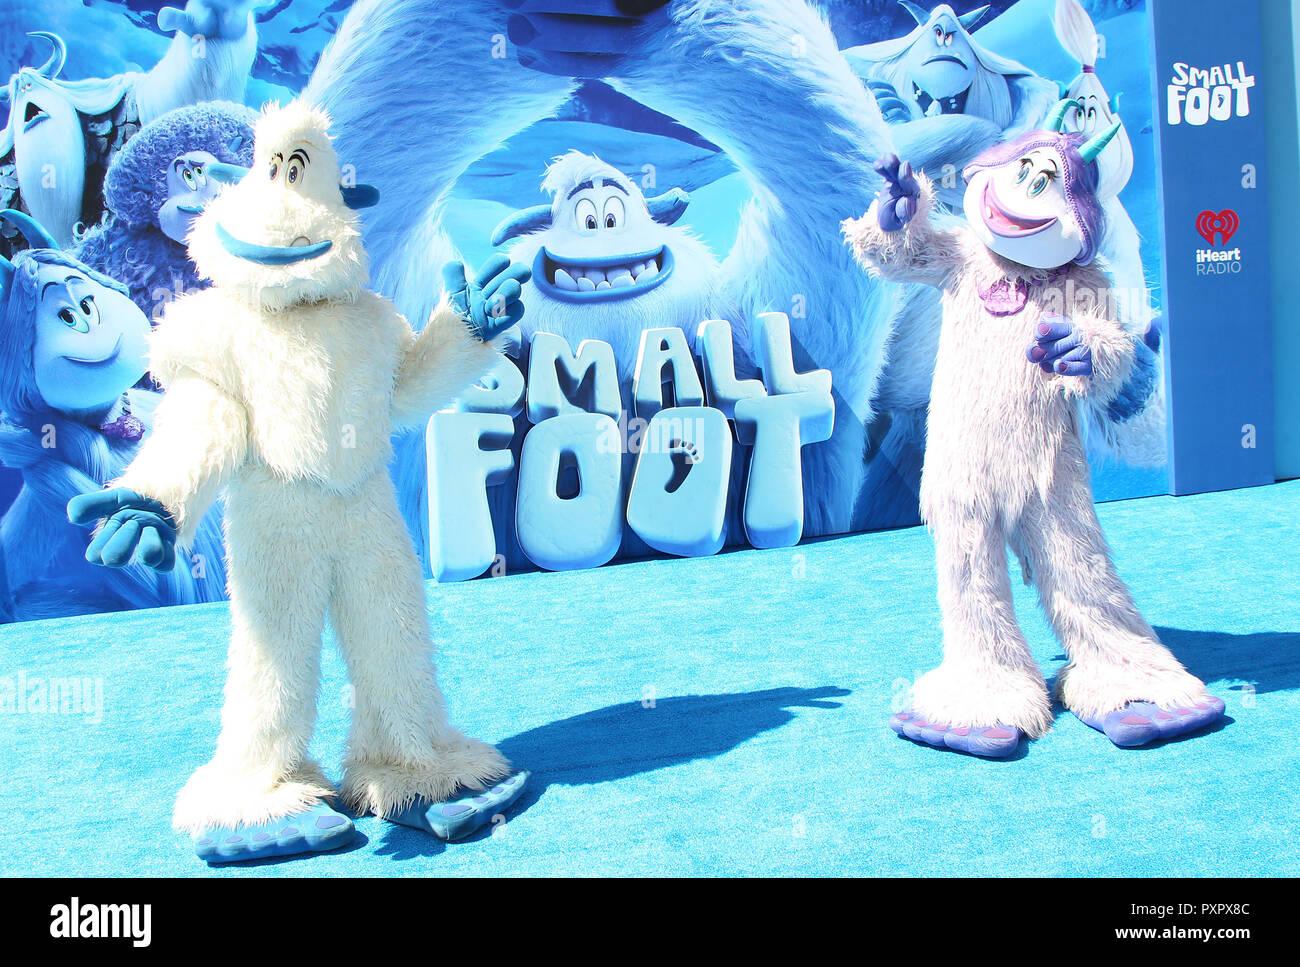 Los Angeles estreno de 'Smallfoot' - Llegadas Con: ambiente donde: Los Ángeles, California, Estados Unidos cuando: 22 de septiembre de 2018 Crédito: Adriana M. Barraza/WENN.com Foto de stock